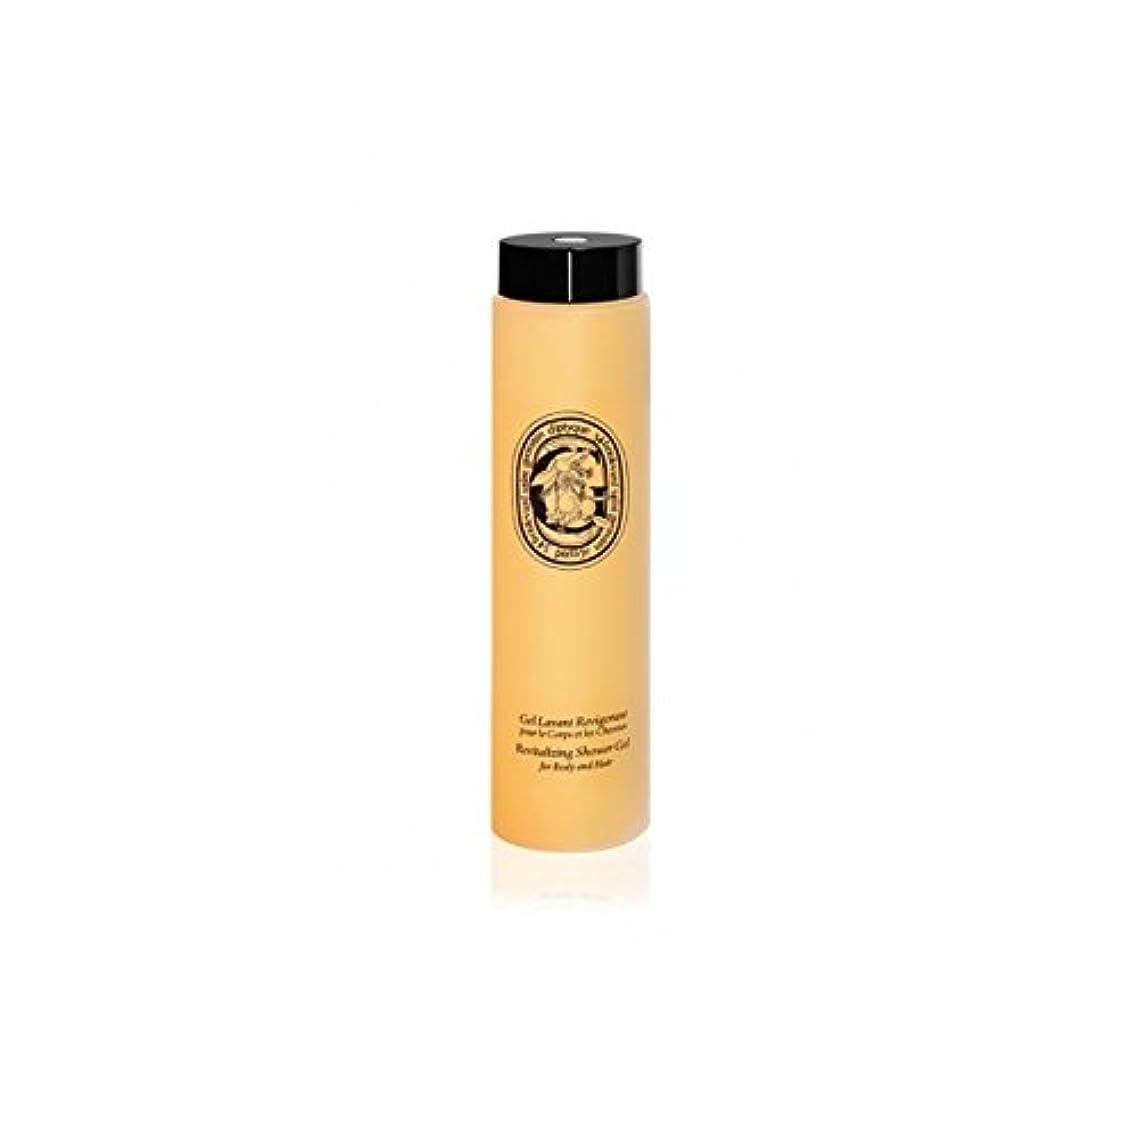 超えて会話台風ボディ、ヘア200ミリリットルのためDiptyqueのリバイタライジングシャワージェル - Diptyque Revitalizing Shower Gel For Body And Hair 200ml (Diptyque) [並行輸入品]